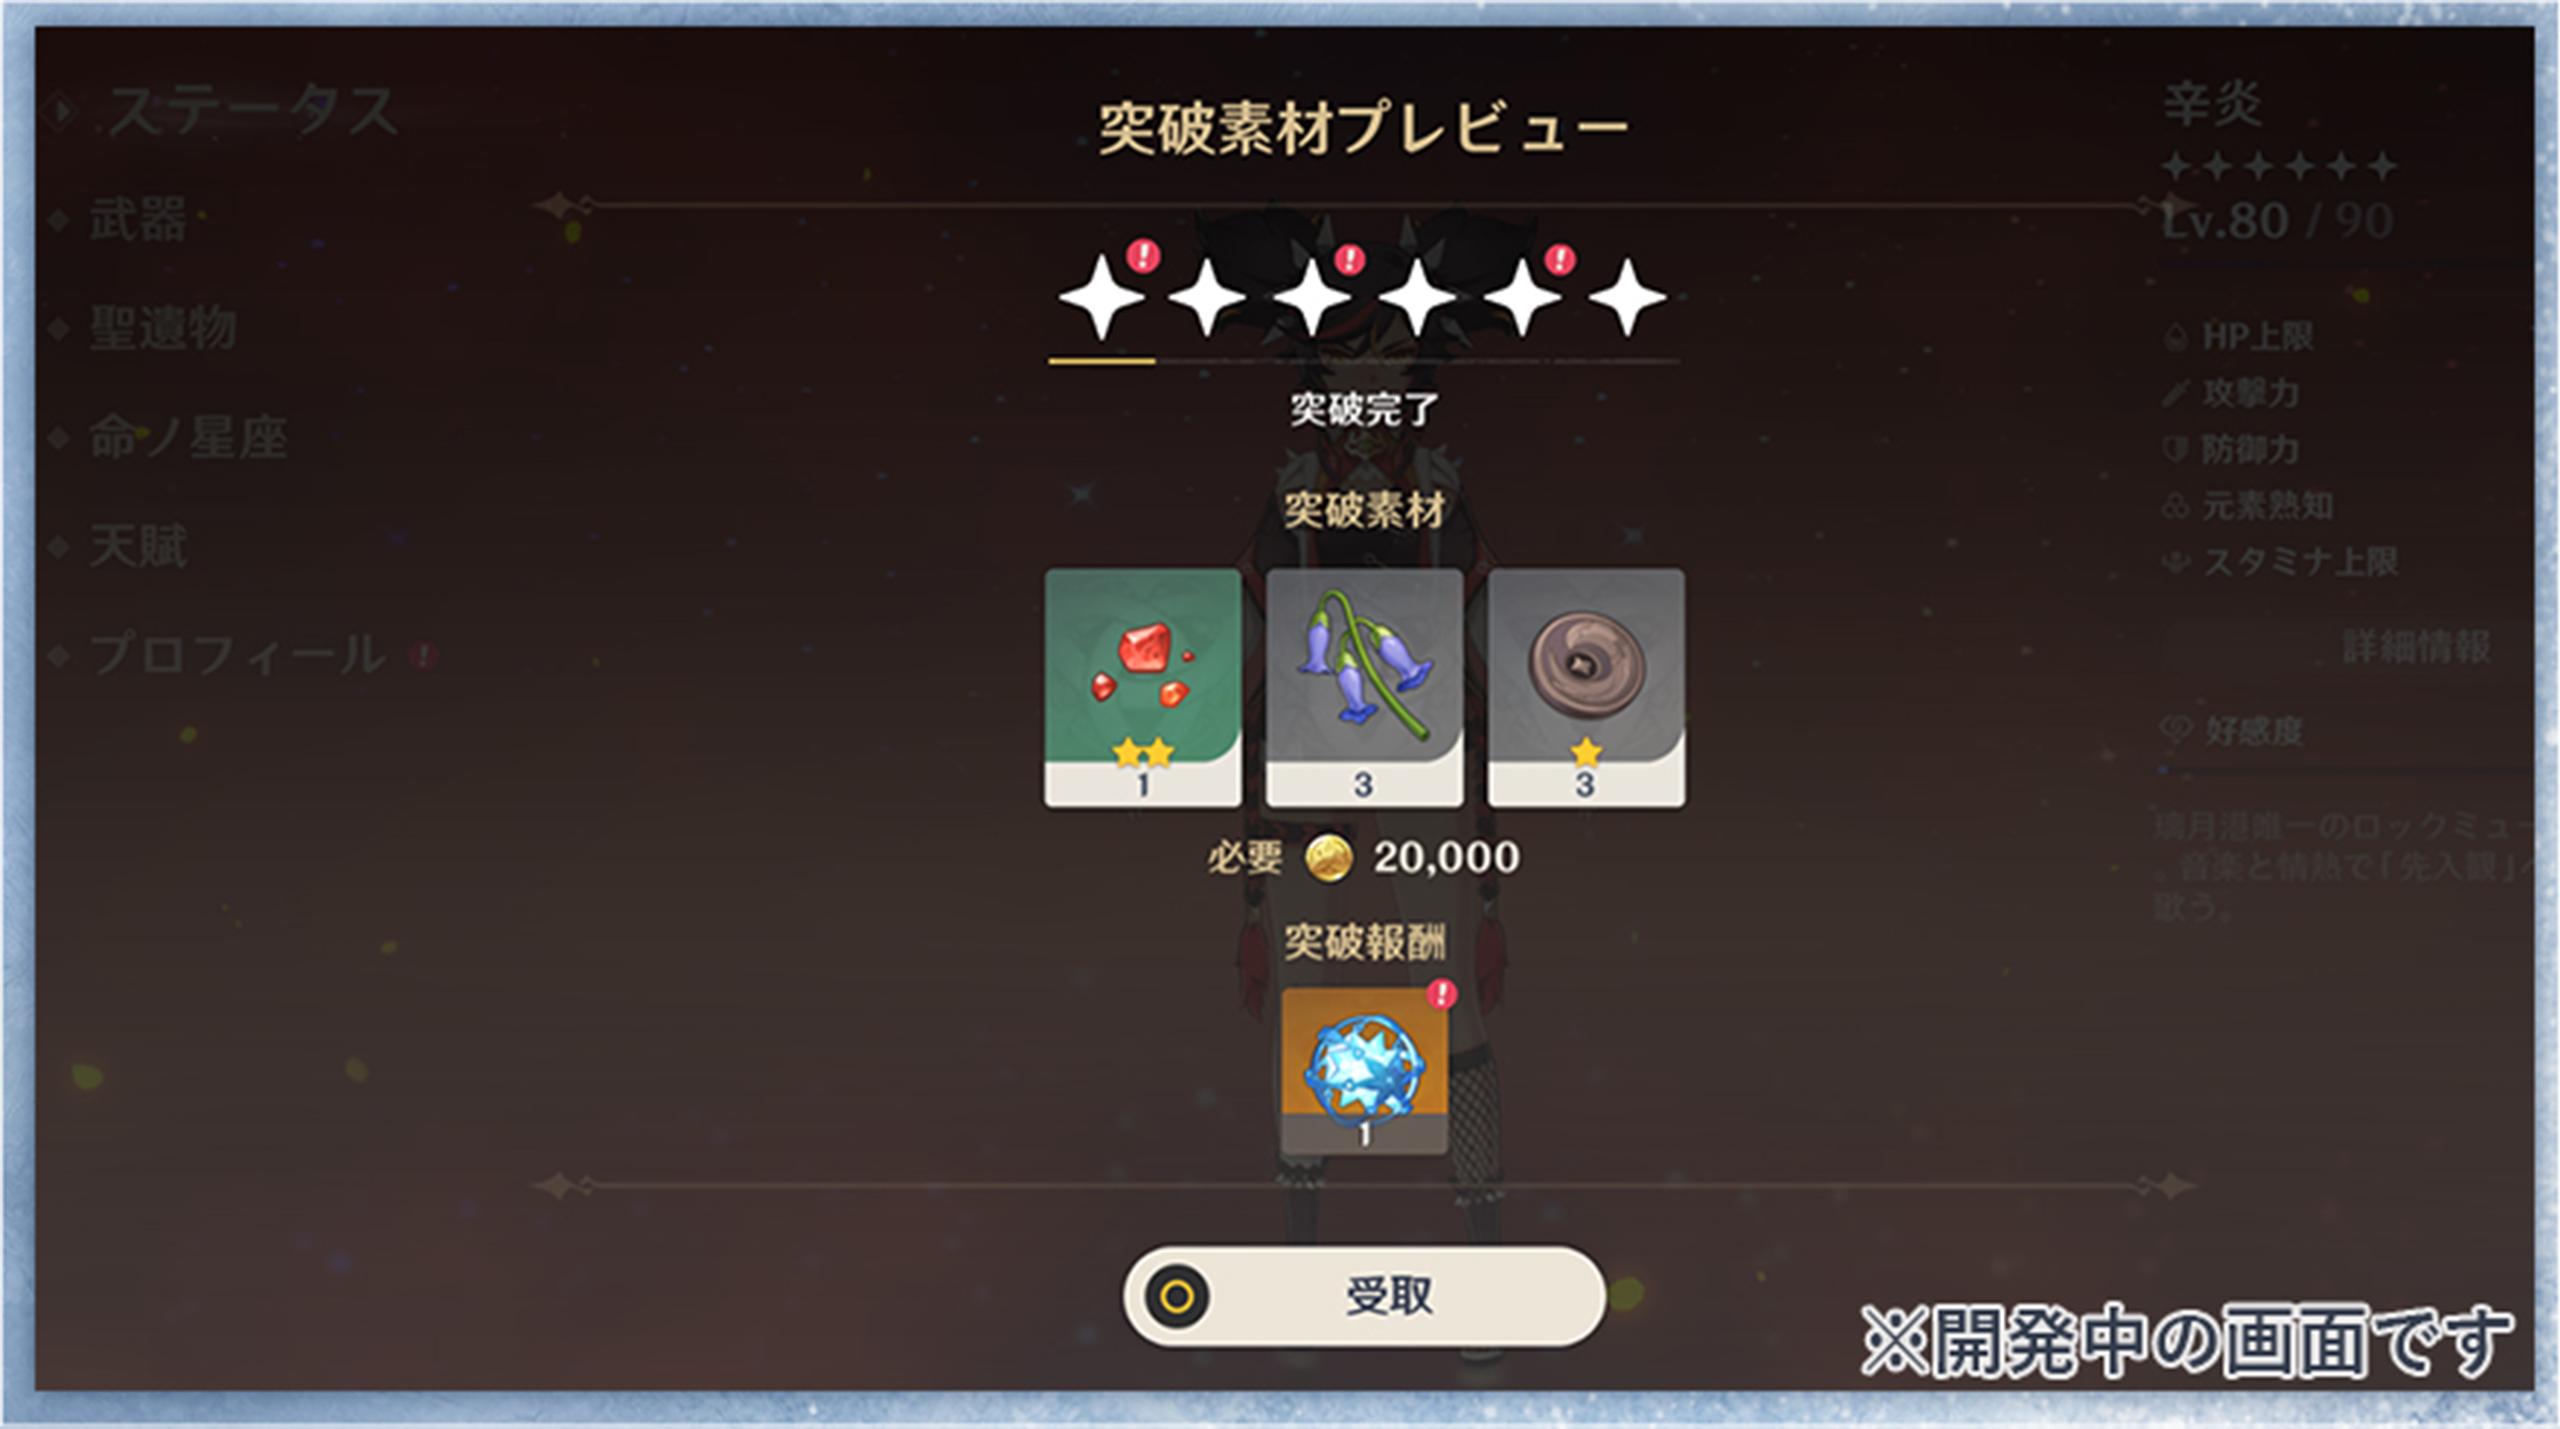 【原神】バージョン1.2「キャラクターレベル突破で「出会いの縁」ゲット!」